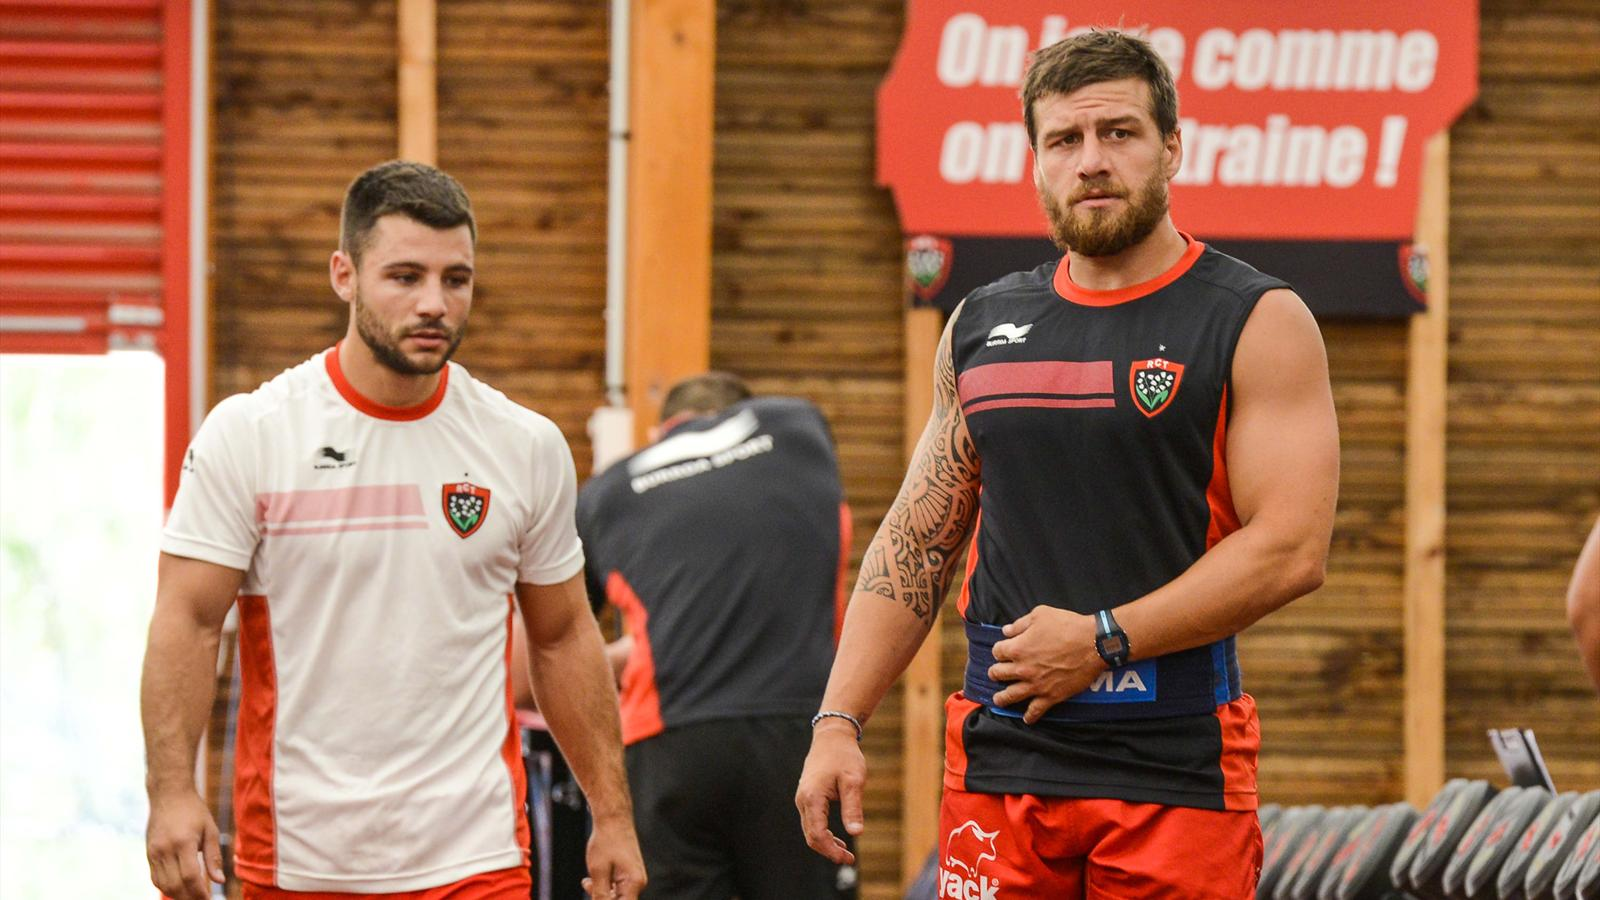 Jonathan Pelissié et Julien Caminati (Toulon) - 9 juillet 2015